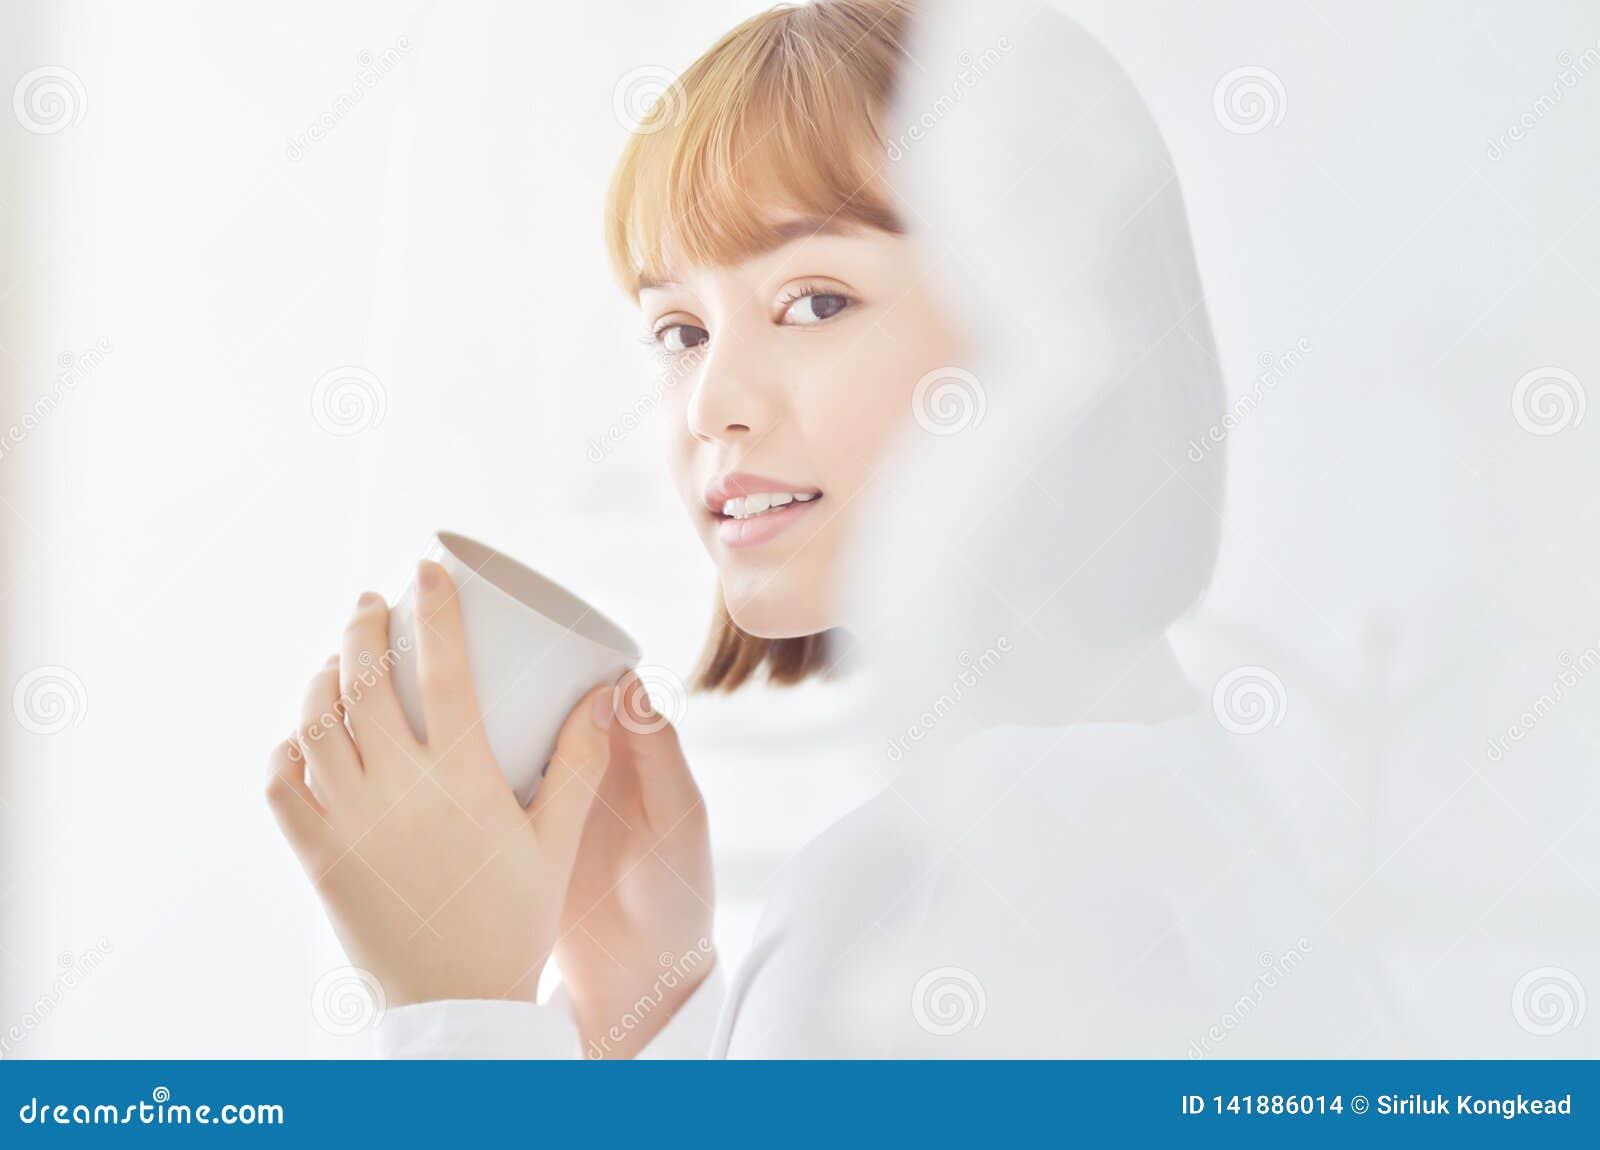 穿白色衬衫的妇女是微笑和拿着一杯咖啡